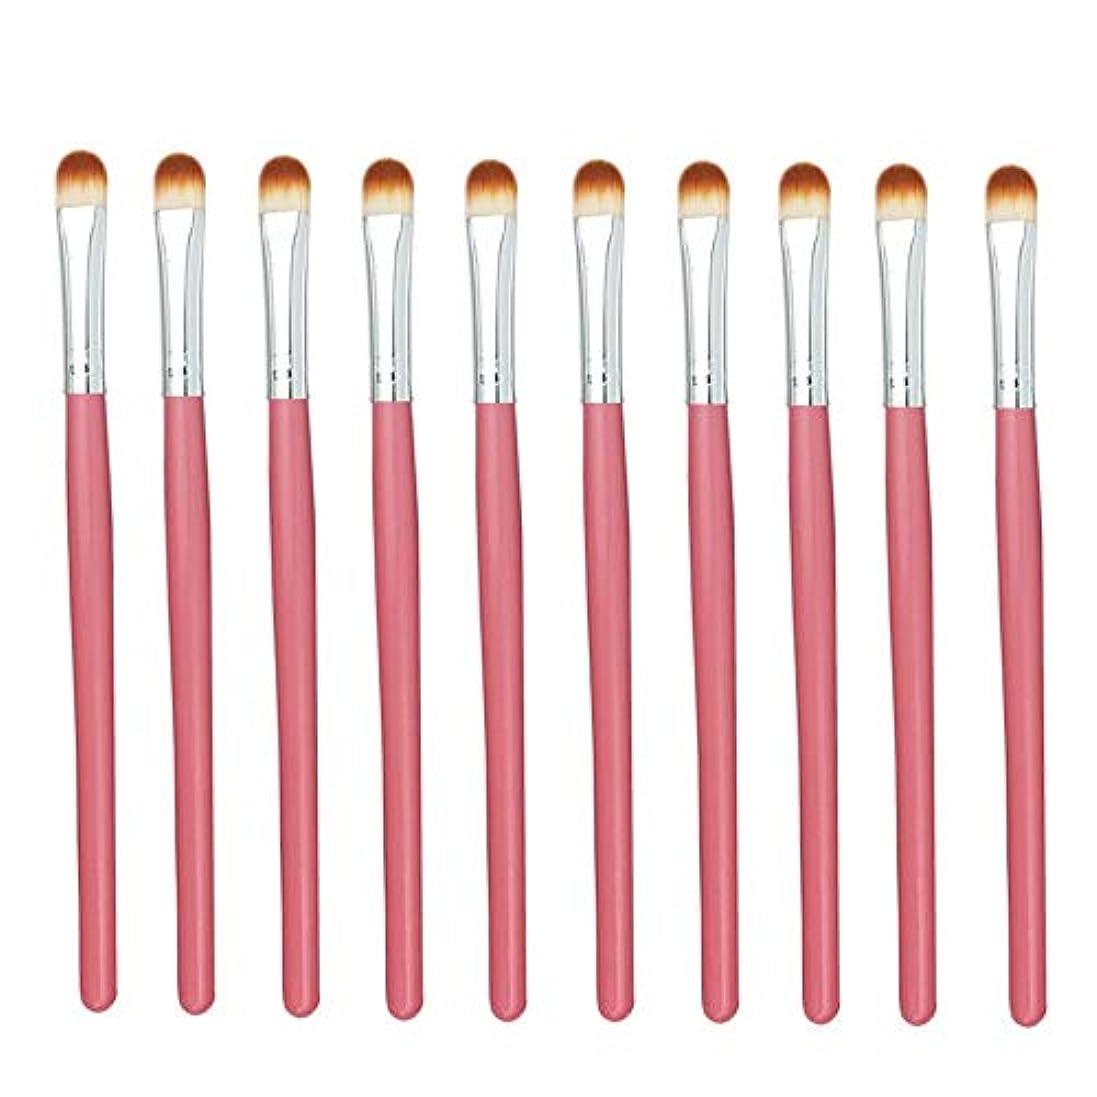 山帝国車Makeup brushes ピンク、アイシャドウブラシ初心者および専門家向けのアイメイクブラシ10スティックアイメイクブラシ suits (Color : Pink Silver)